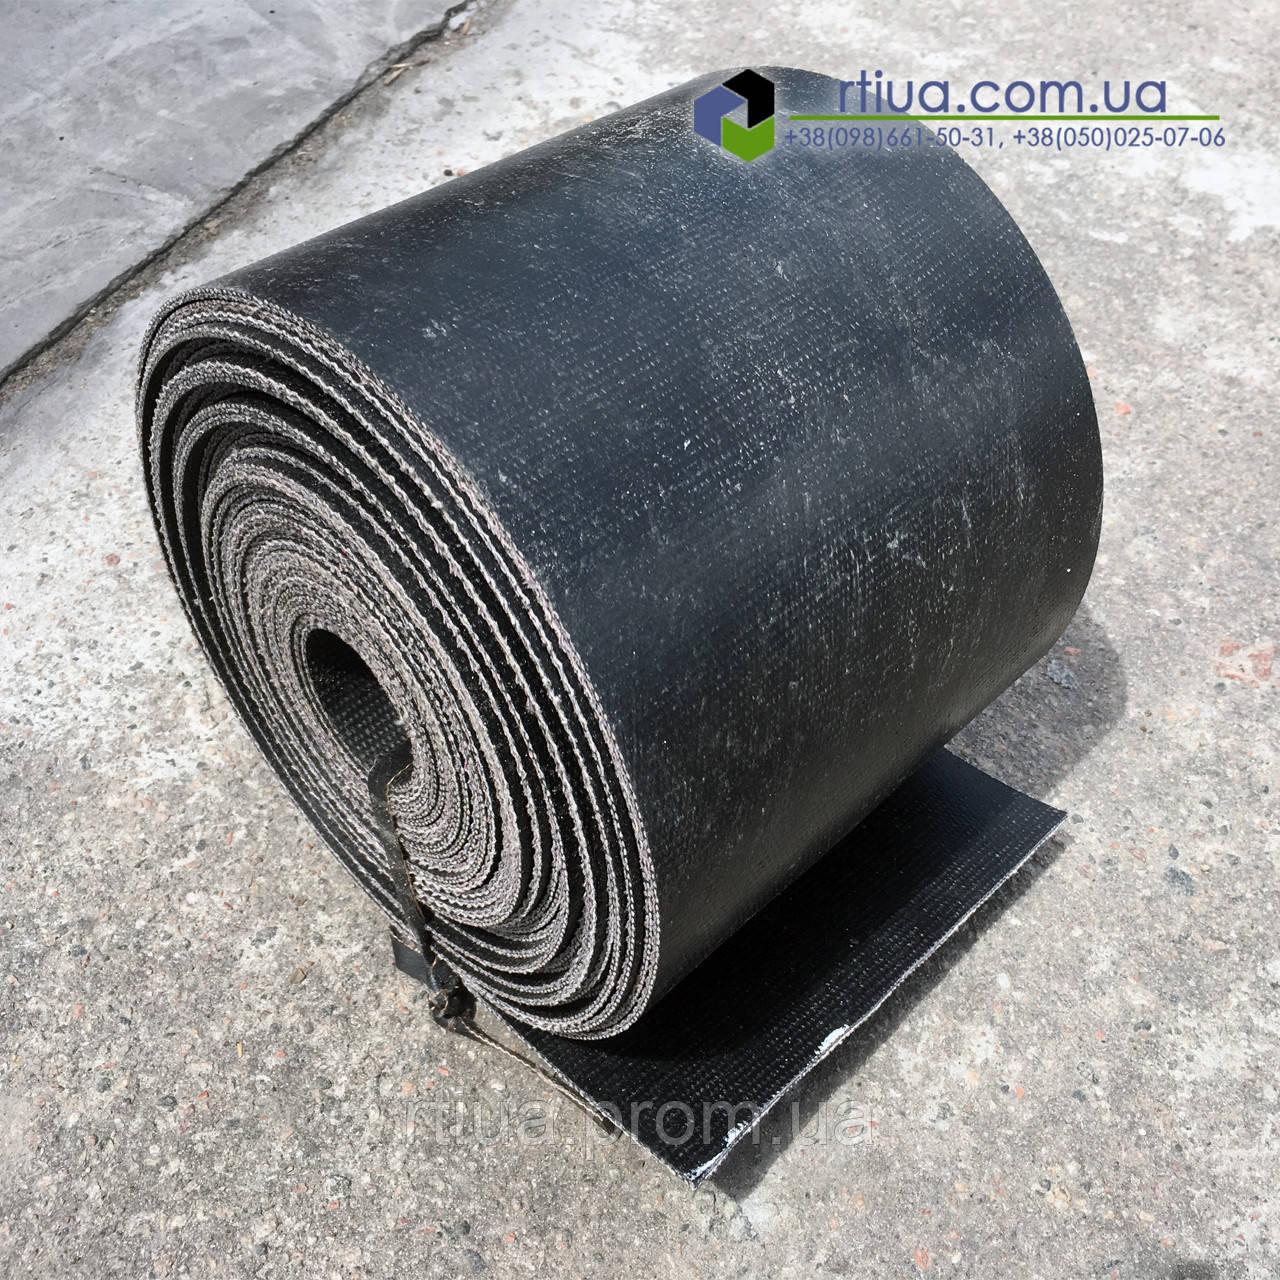 Транспортерная лента БКНЛ, 500х8 мм